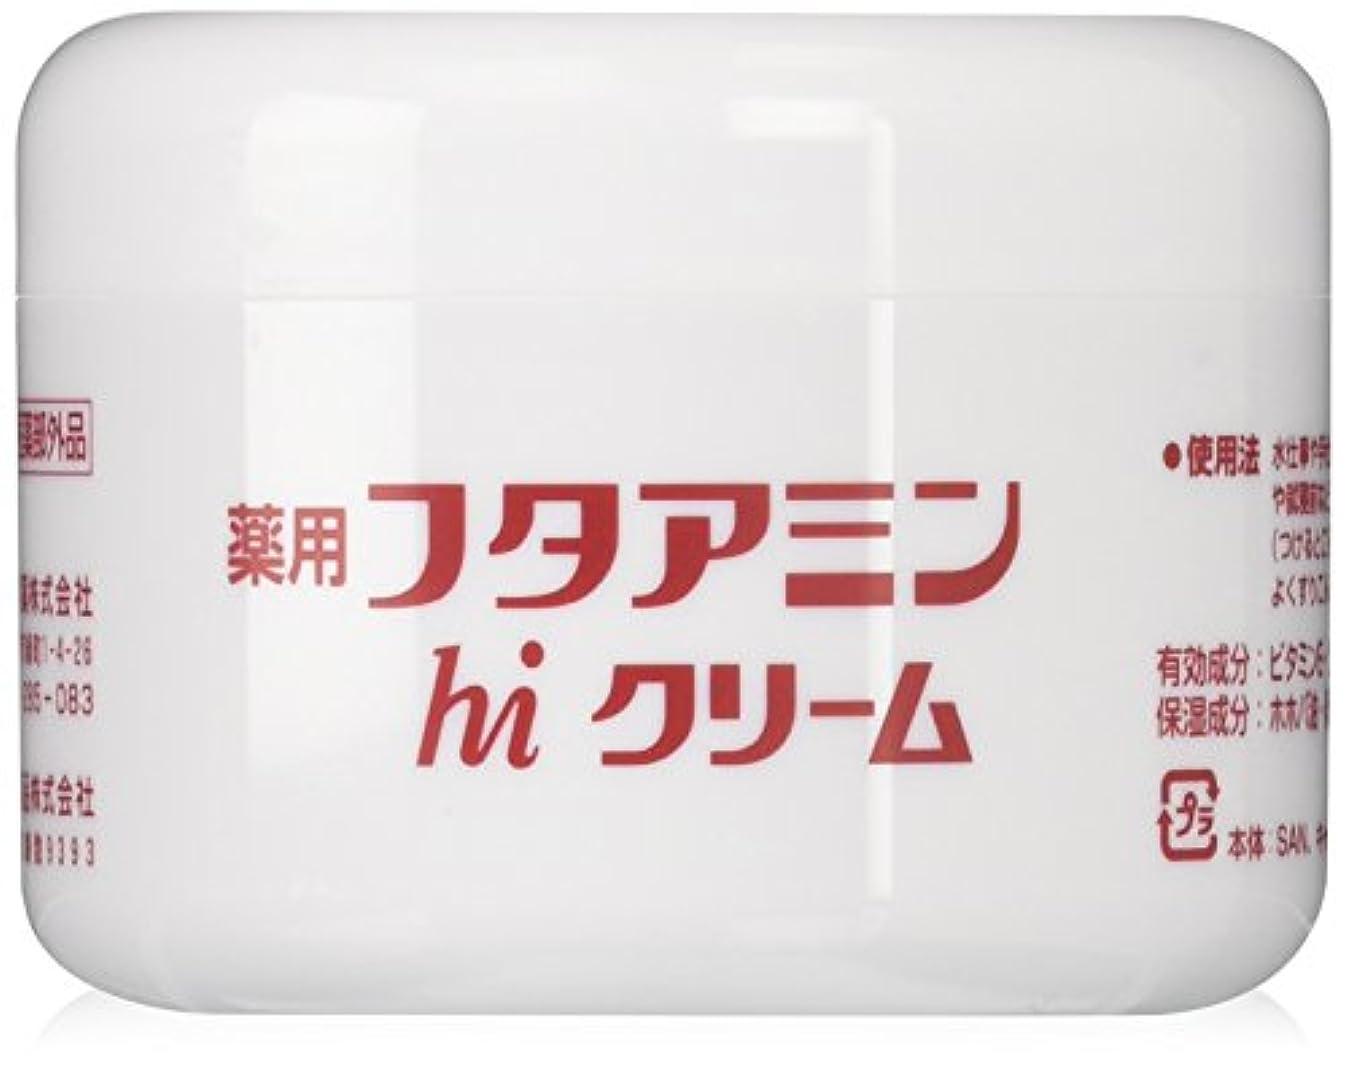 ゲートウェイ店員わずかに薬用 フタアミンhiクリーム 130g  3個セット 3gサンプル2個付